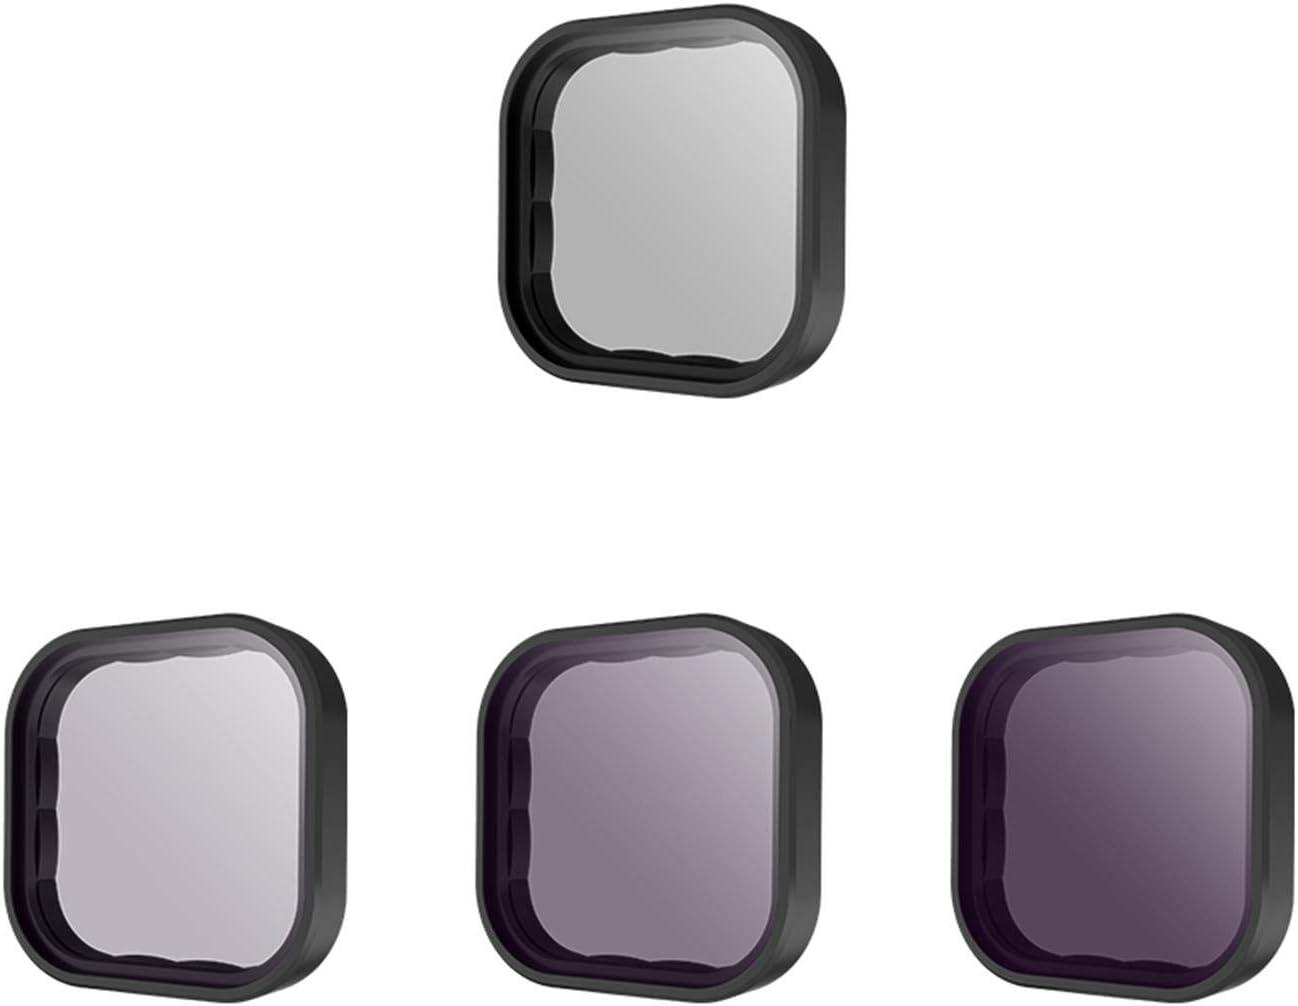 TELESIN Kit de filtro de lente ND8 ND16 ND32 CPL para cámara de acción GoPro Hero 9, densidad neutra y polarizante, kit de filtro de lente protector de lente para accesorios Go Pro 9